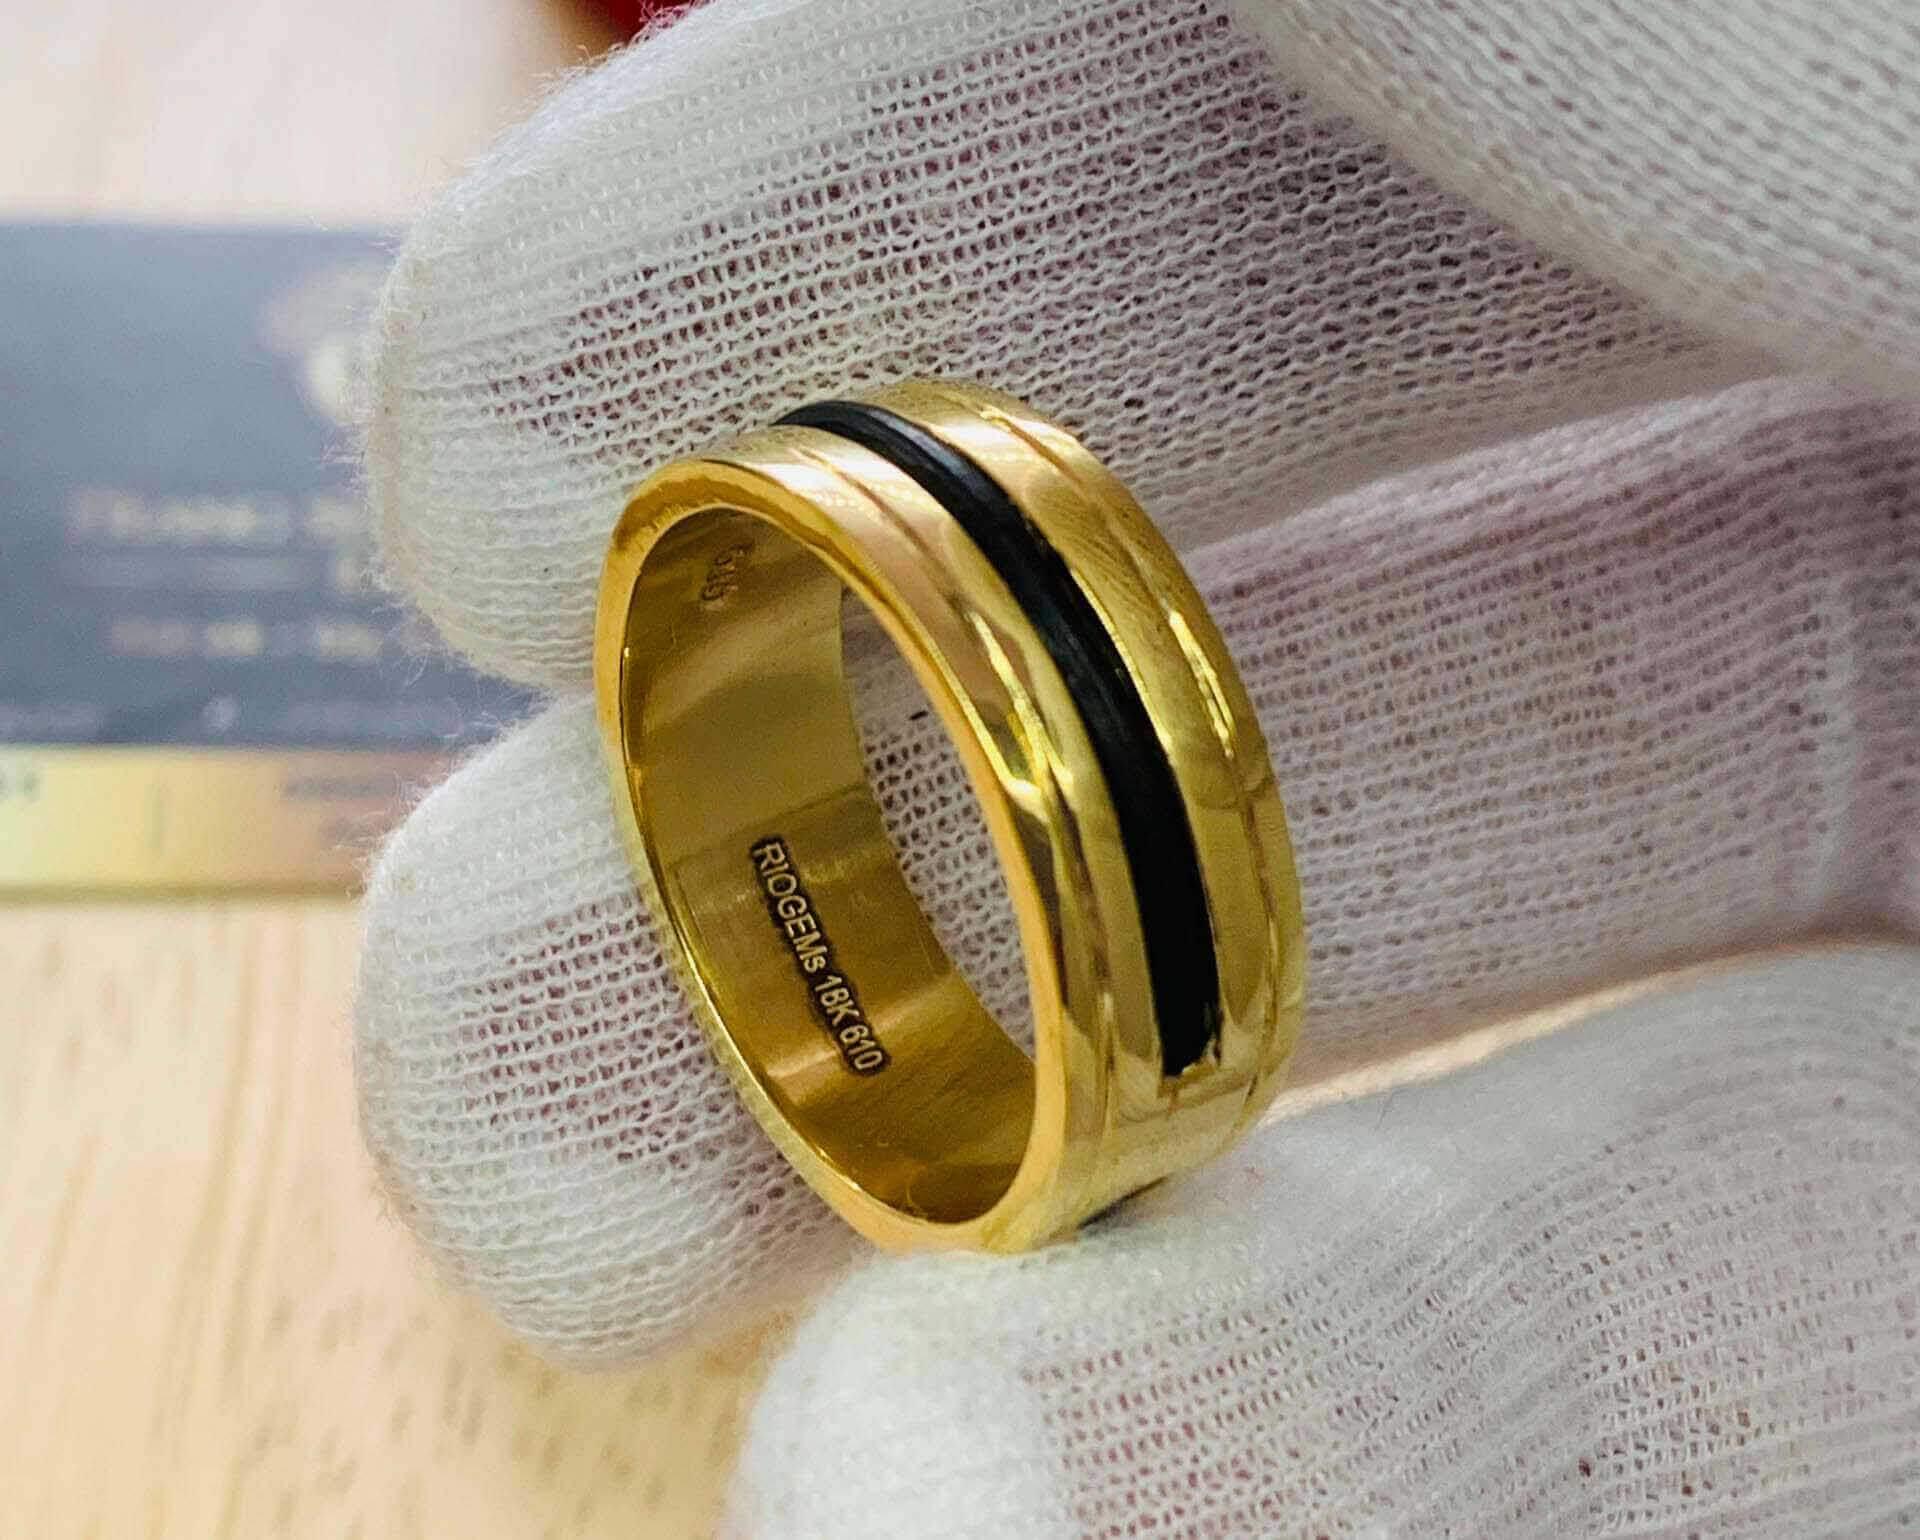 Nhẫn lông voi Nam làm tay 2 khía vàng RIOGEMs bảng 9li rất phù hợp ni tay của quý ông Việt